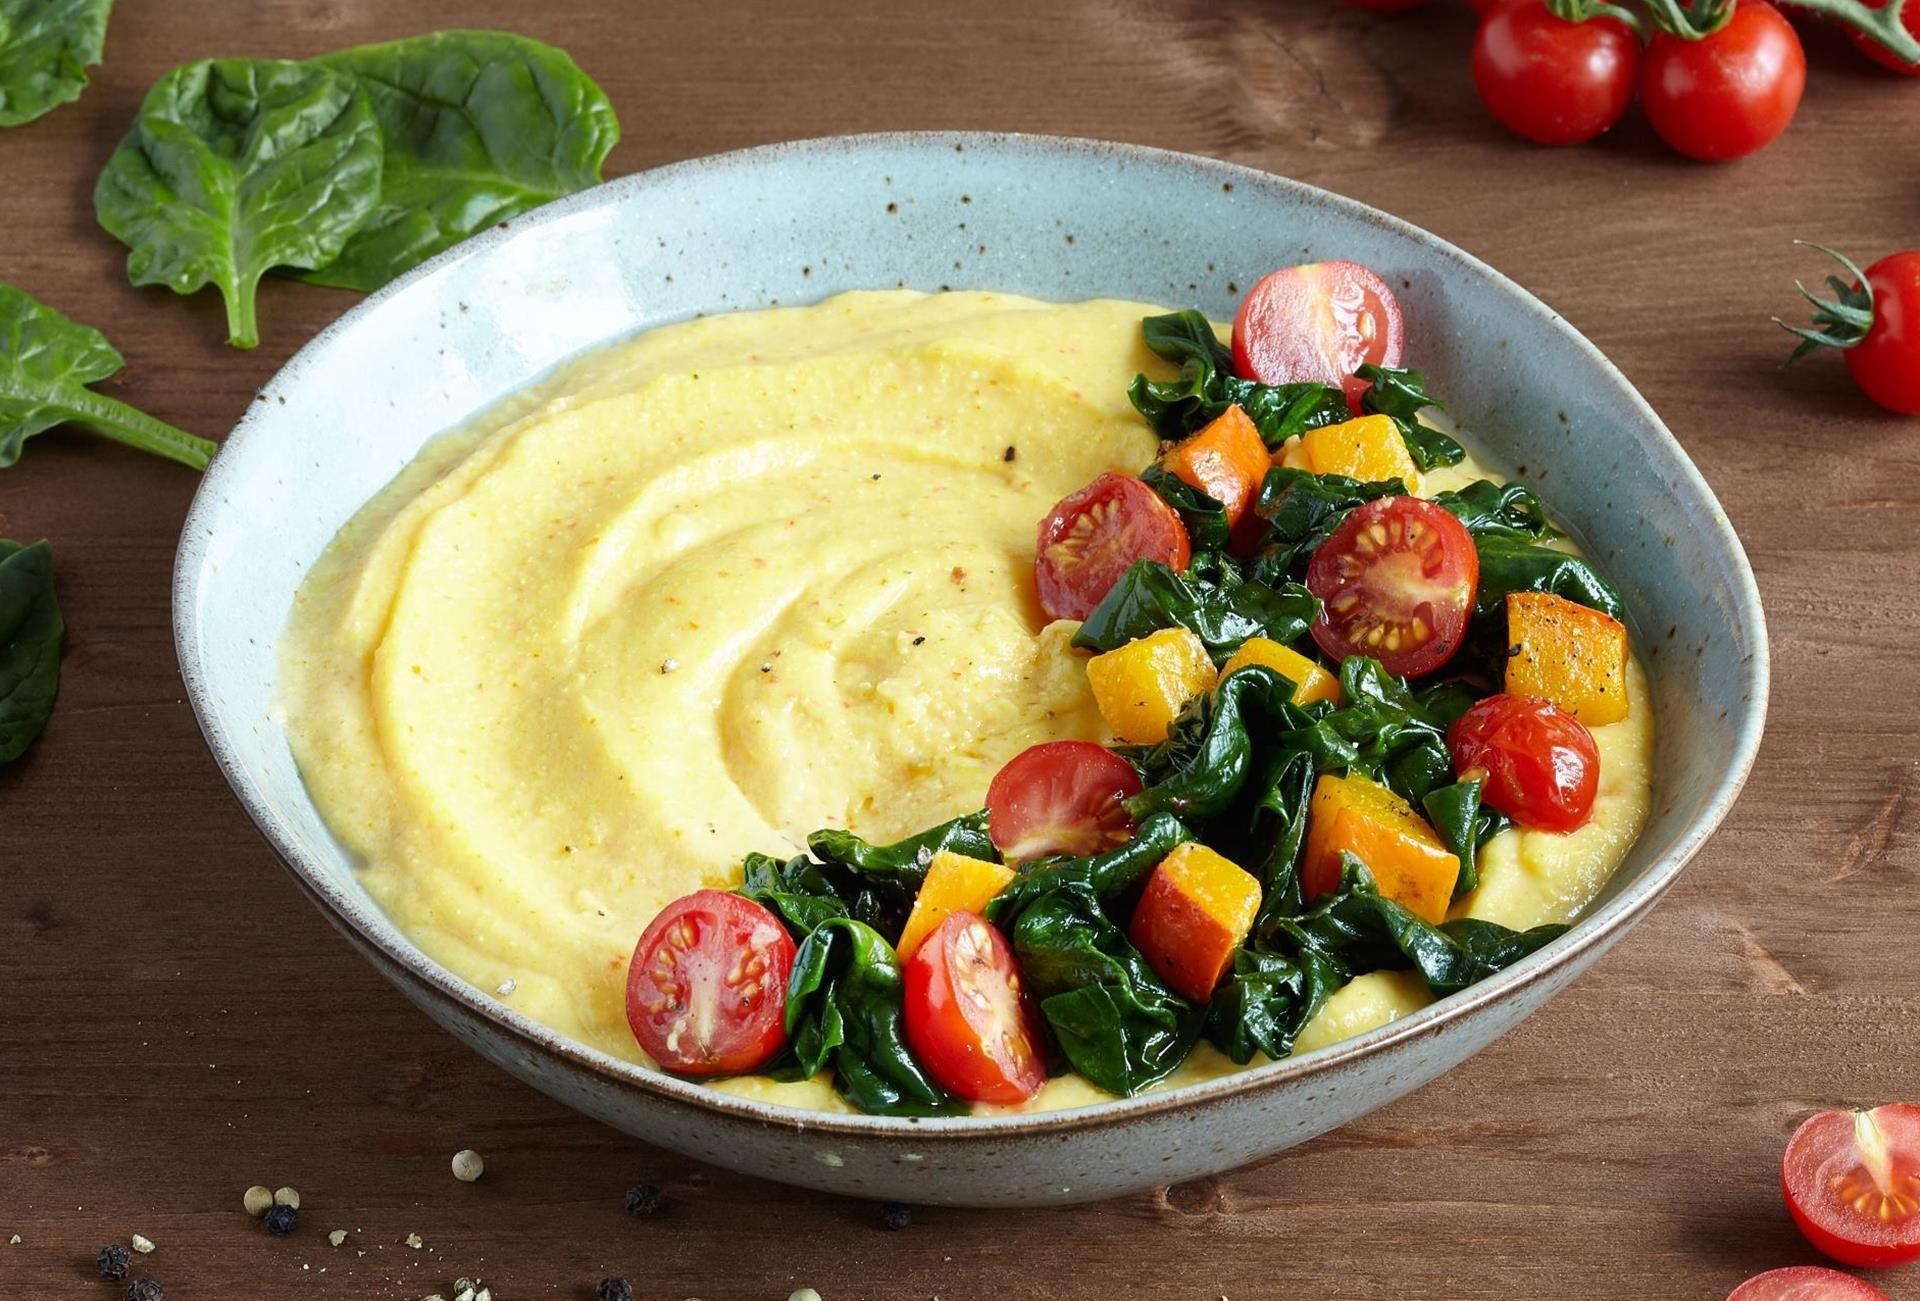 Polenta Mit Gerosteten Tomaten Und Blattspinat Einfach Lecker Rezeptideen Fur Jeden Tag In 2020 Rezepte Blattspinat Vegetarisch